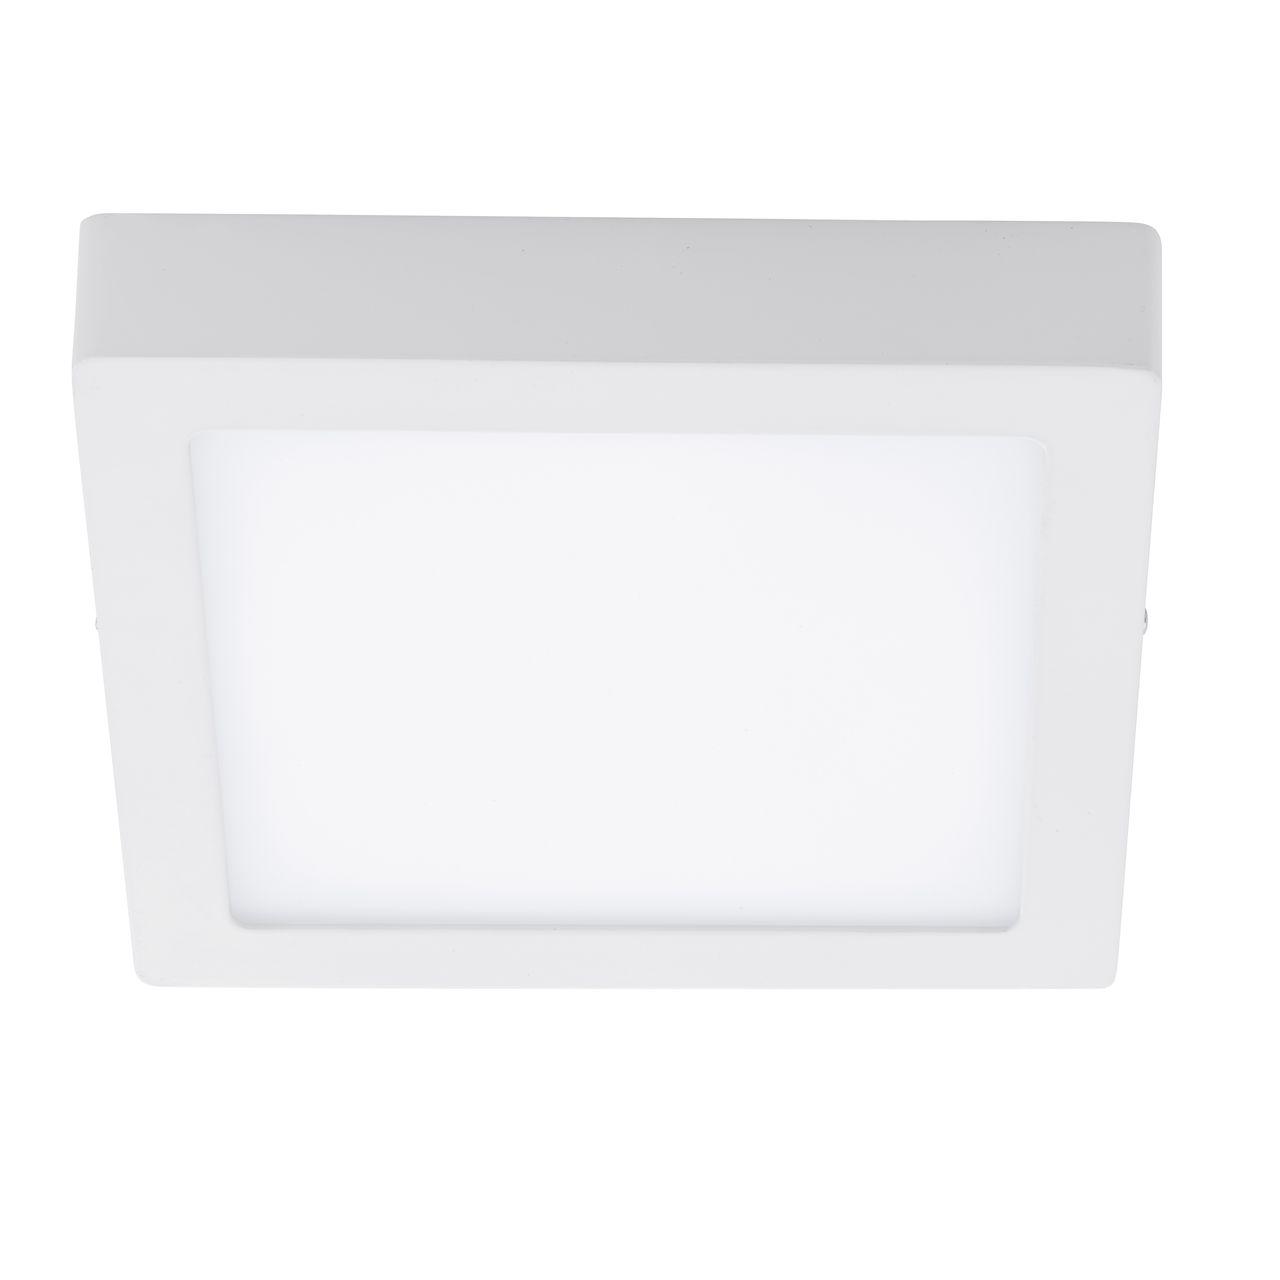 цена на Накладной светильник Eglo, LED, 16.44 Вт